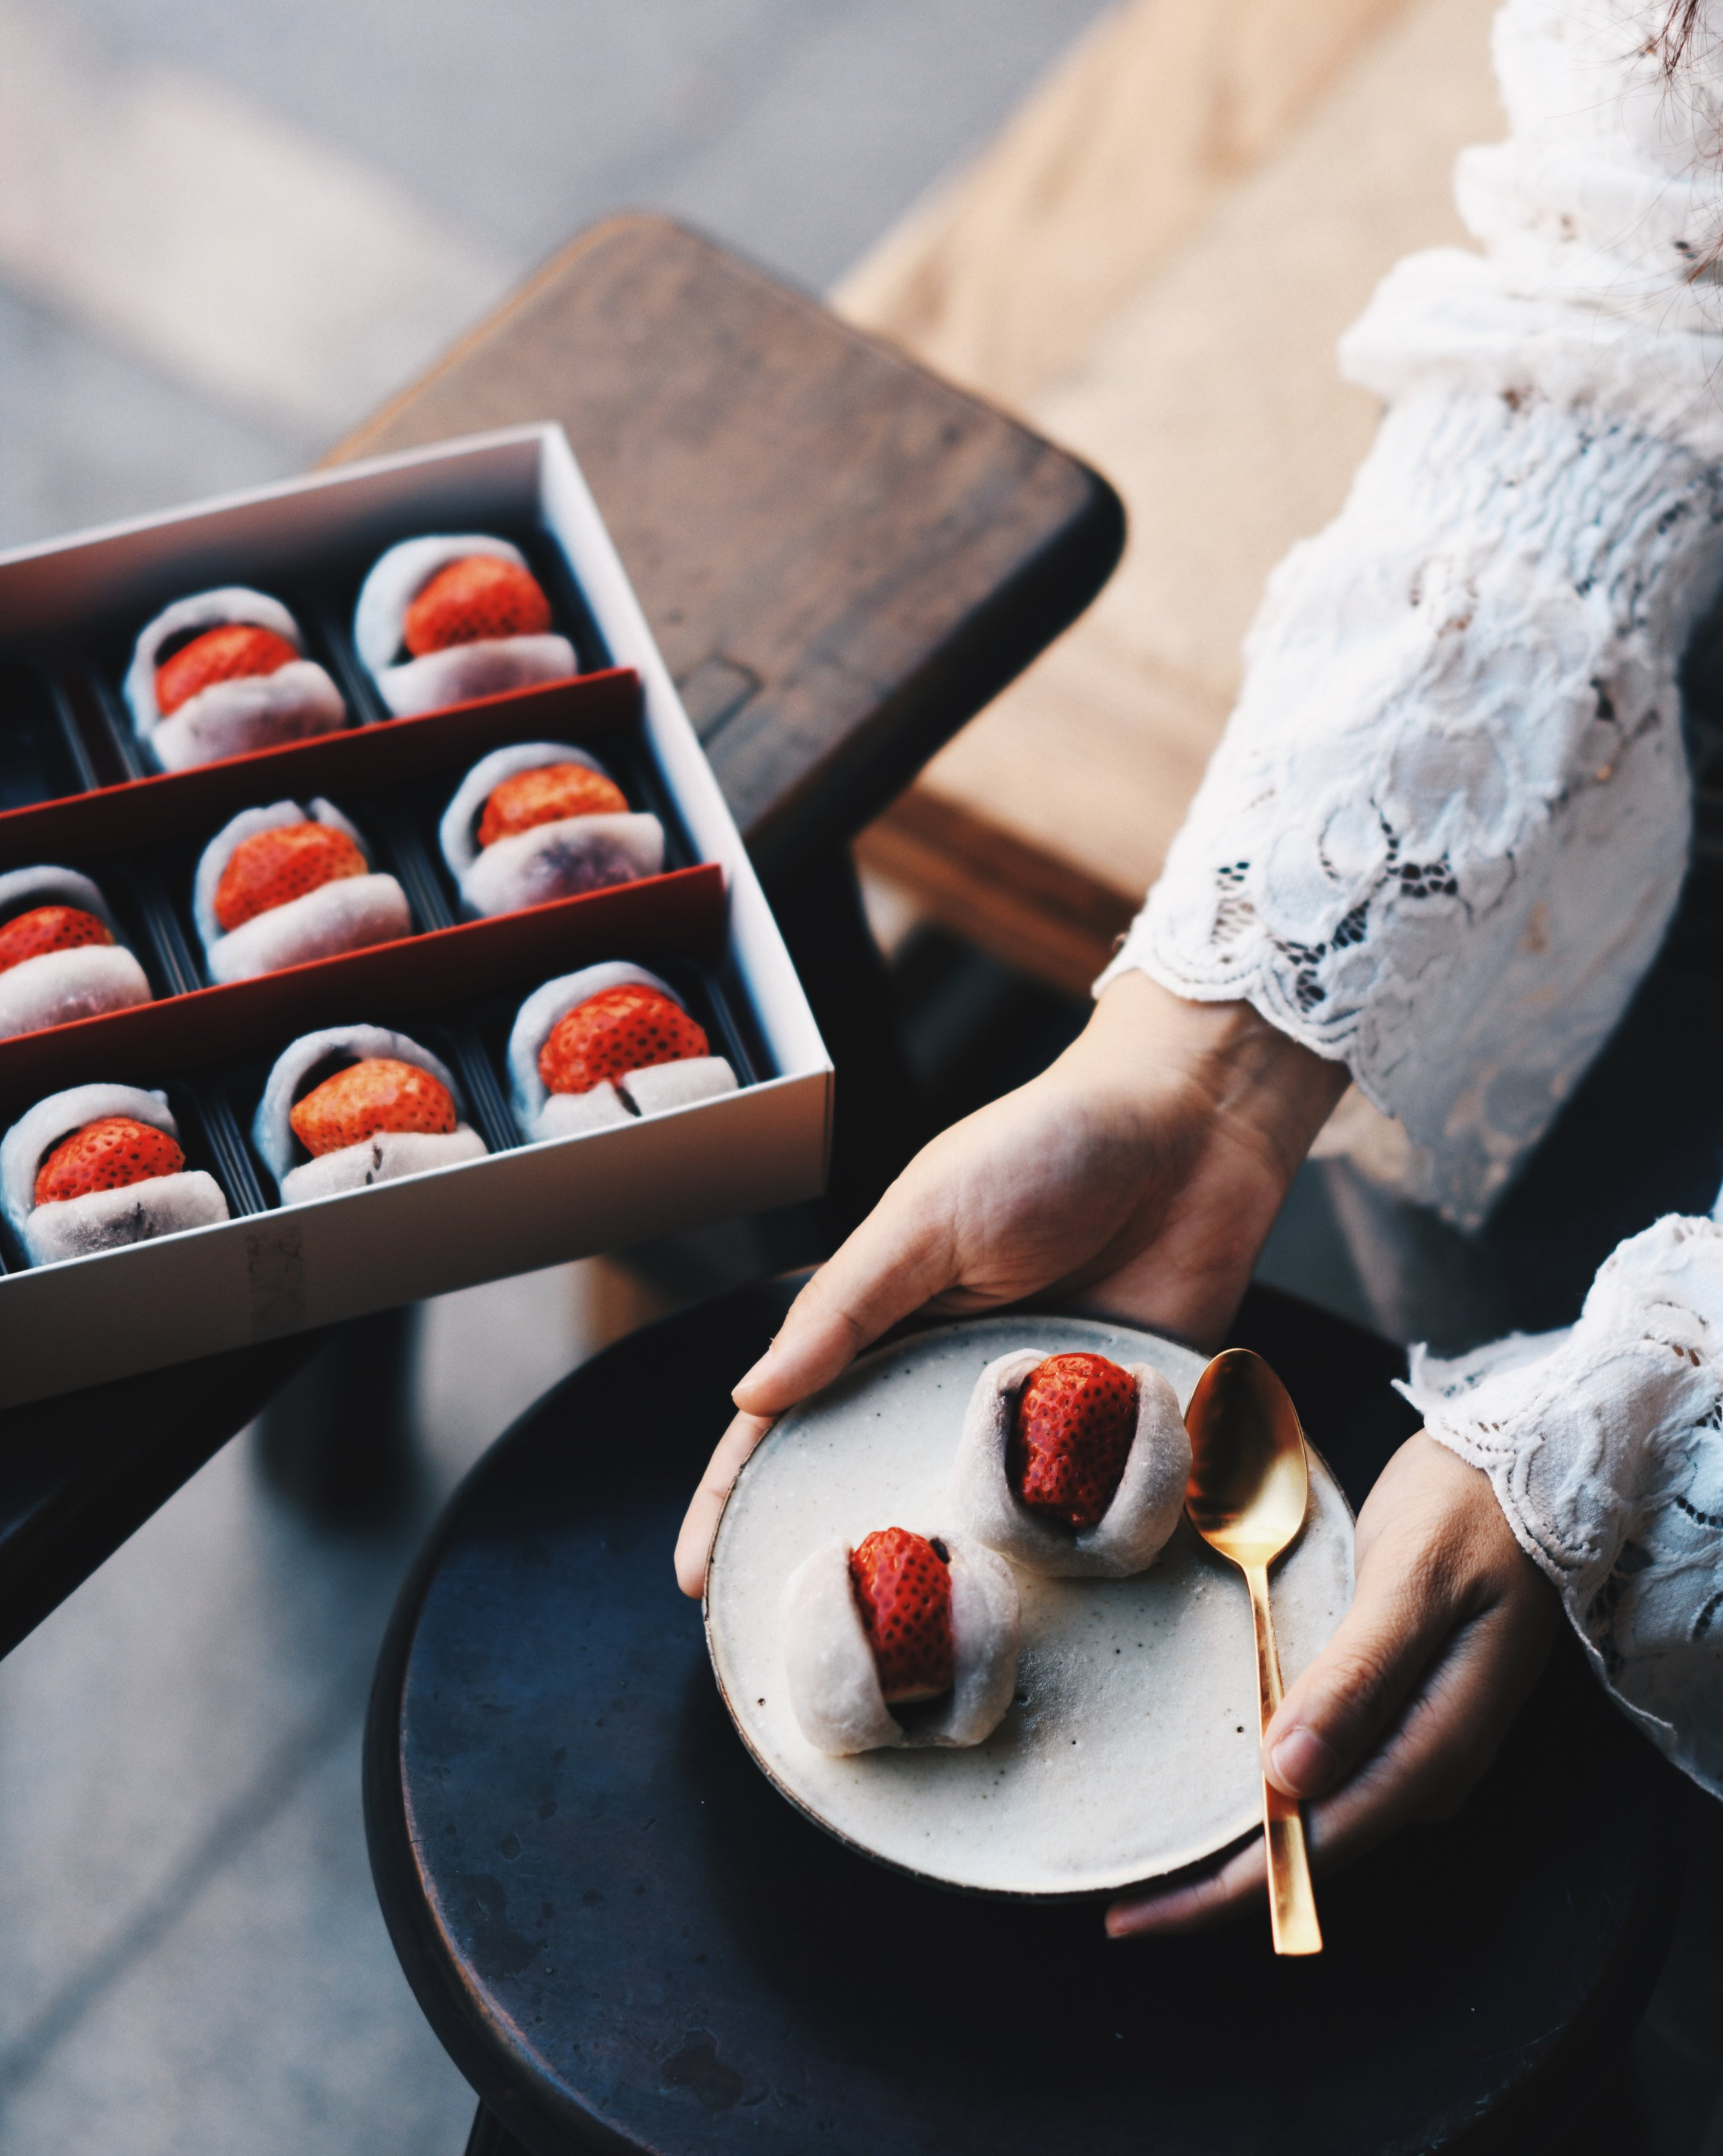 草莓大福 /  滋養製菓   Strawberry Mochi dreaming🍓 . 來到迪化街老鋪買大熱的草莓大福*⋆ 雖然草莓沒有東京築地的大 但這個大福沒有東京的甜  比較合我口味♡